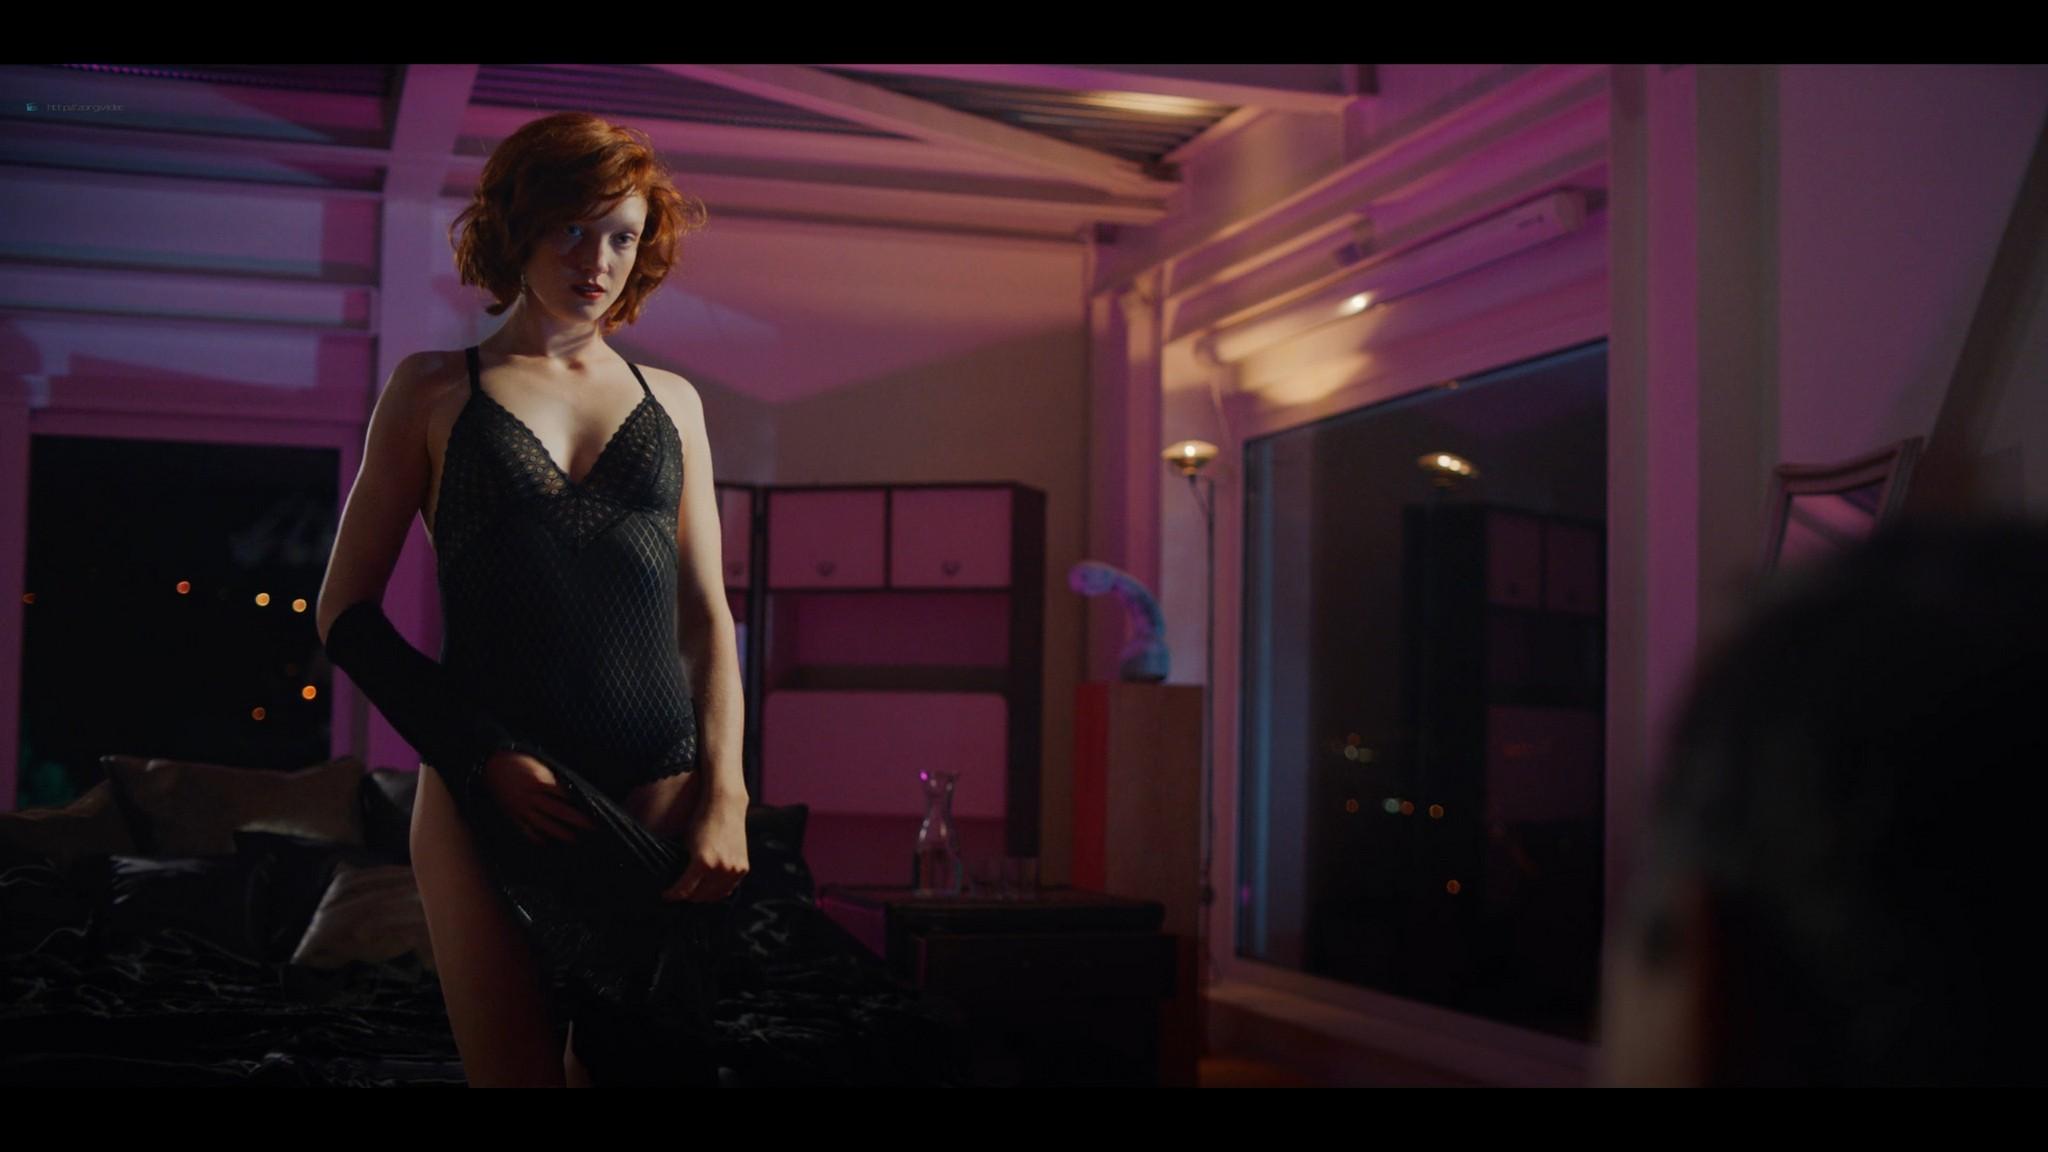 Anne-Laure Vandeputte nude topless Nienke van Hofslot nude sex etc - Women of the Night (2019) s1e7-10 HD 1080p (4)